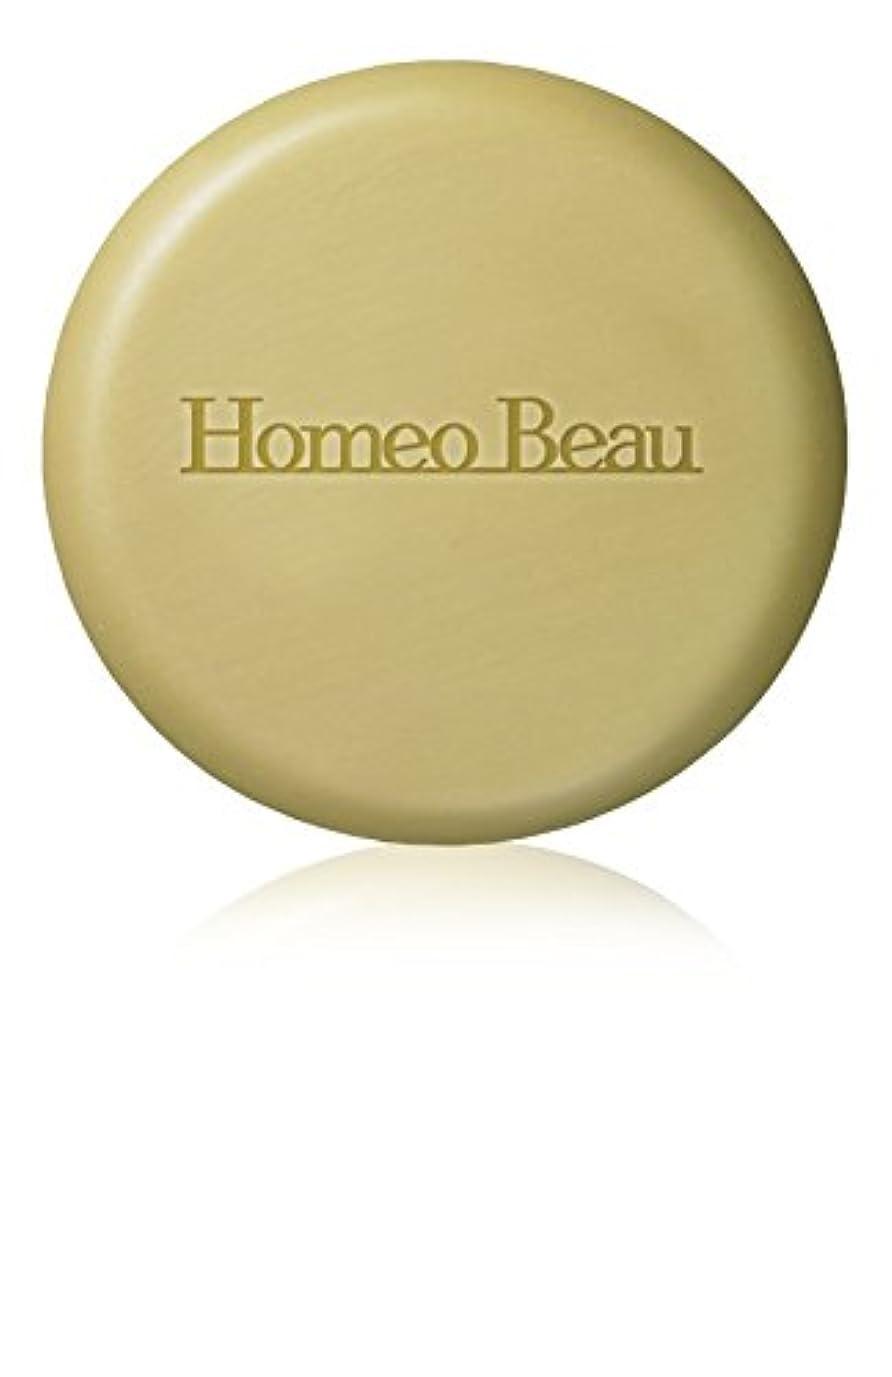 エンティティ庭園赤字ホメオバウ(Homeo Beau) エッセンシャルソープ 100g